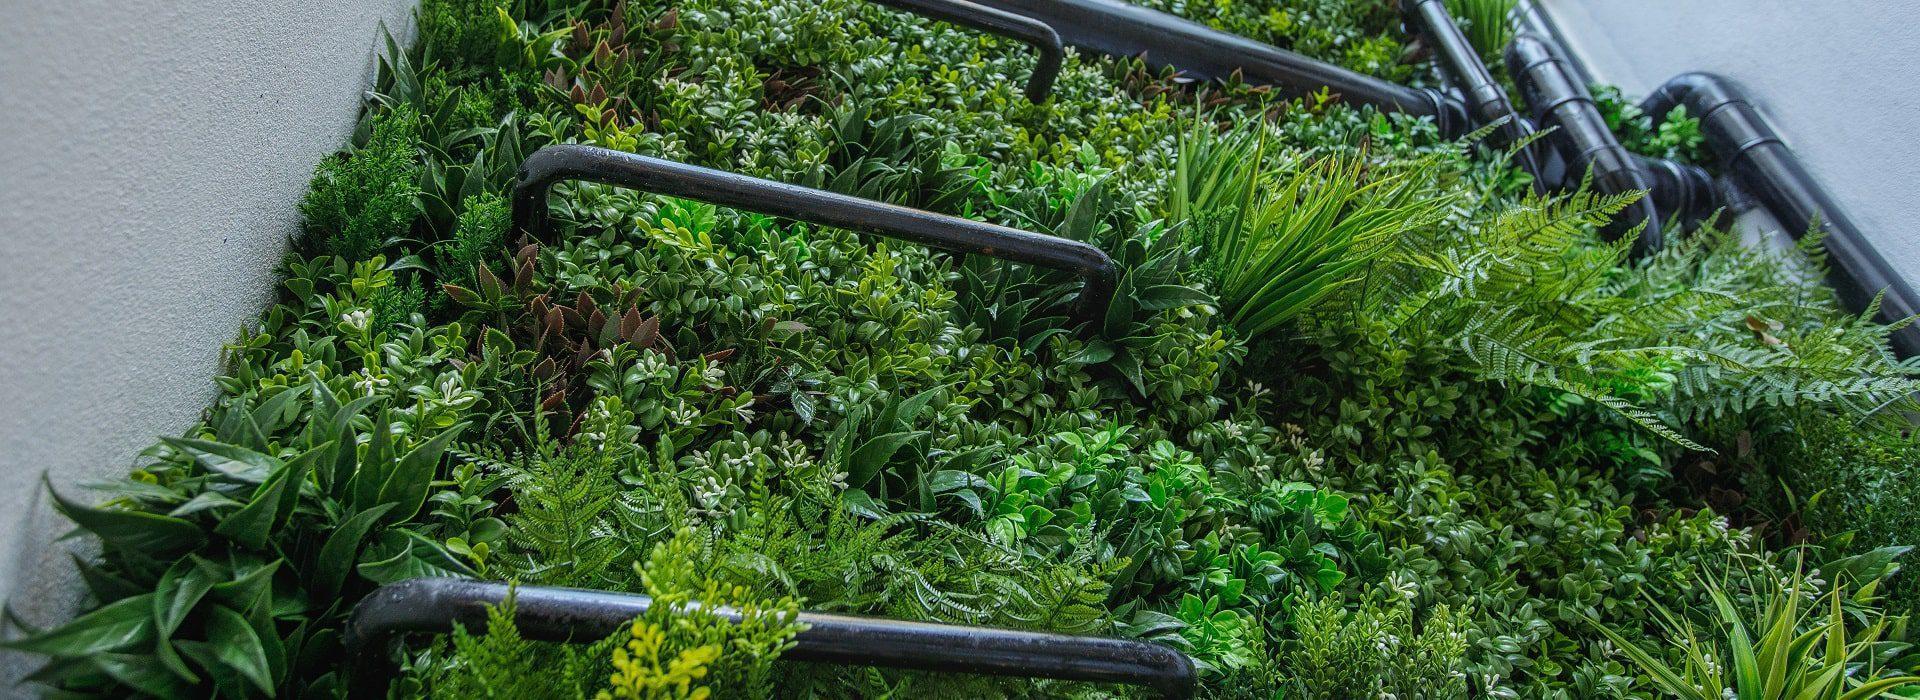 Lightwell Vertical Green Wall